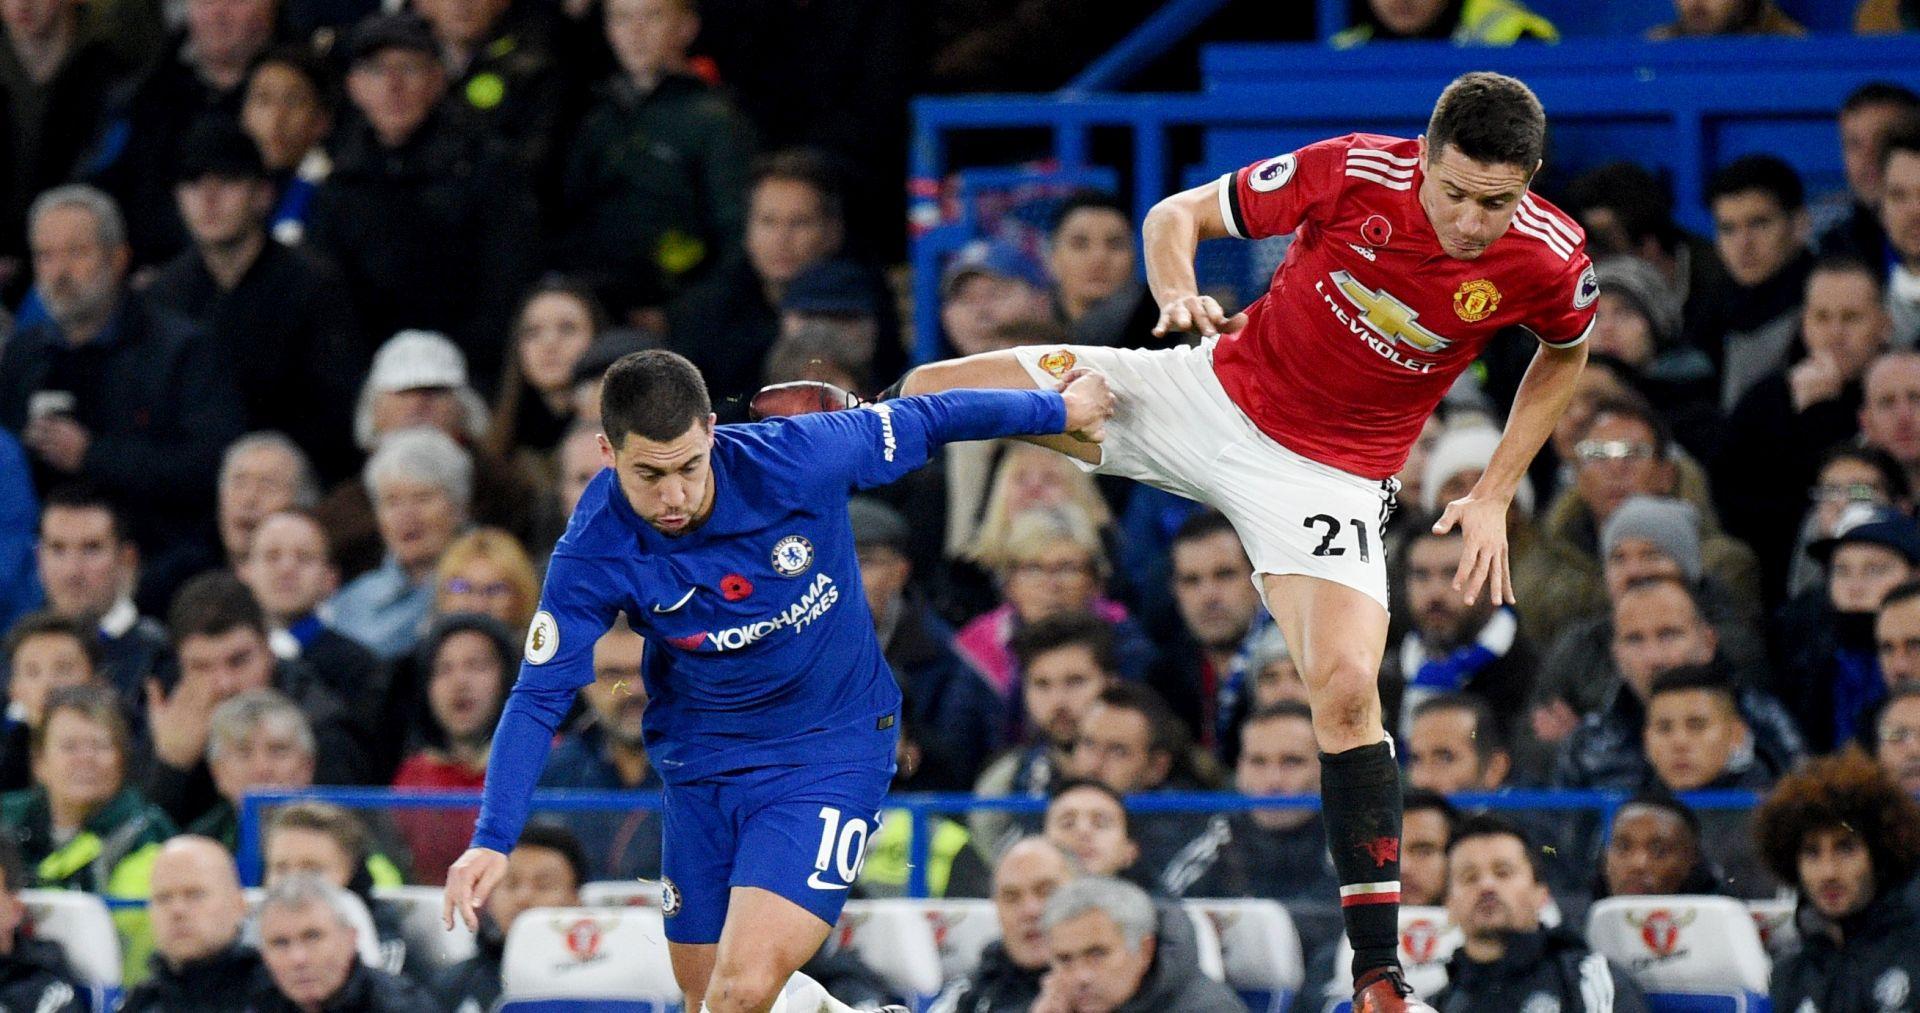 PREMIERLIGA Chelsea bolji od Uniteda, Everton napokon upisao pobjedu